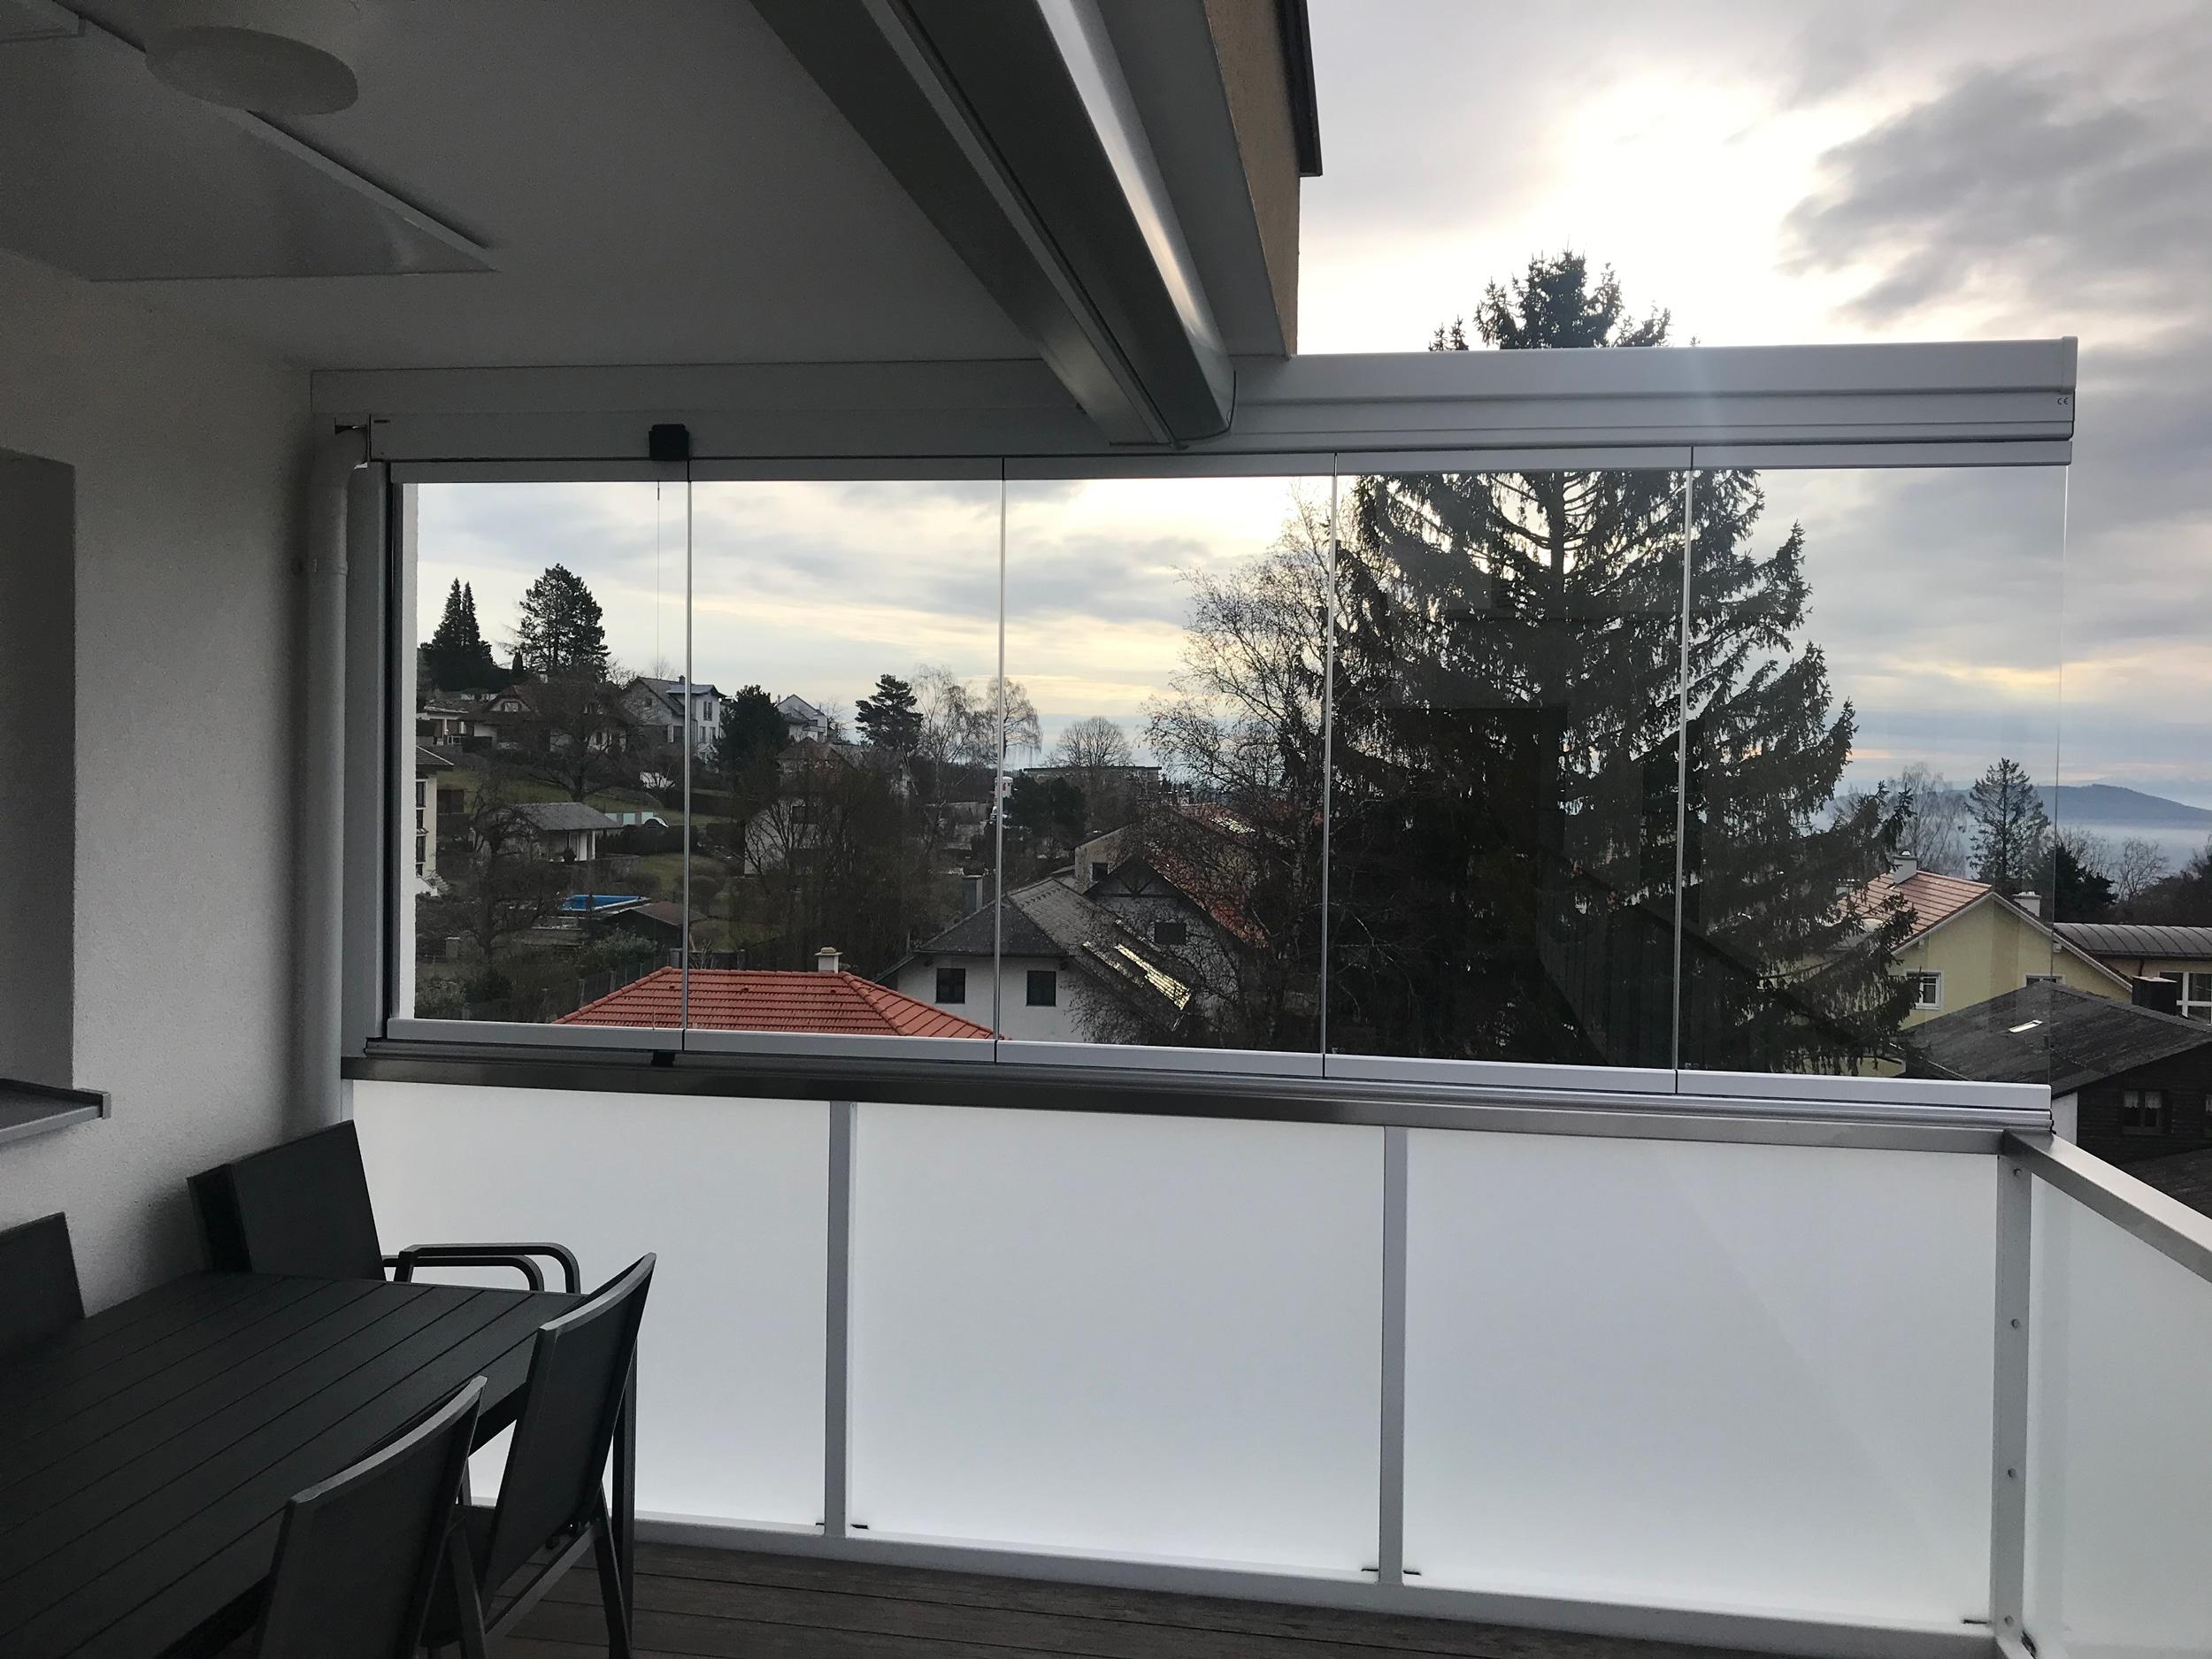 Balkonverglasung Windschutz faltbar